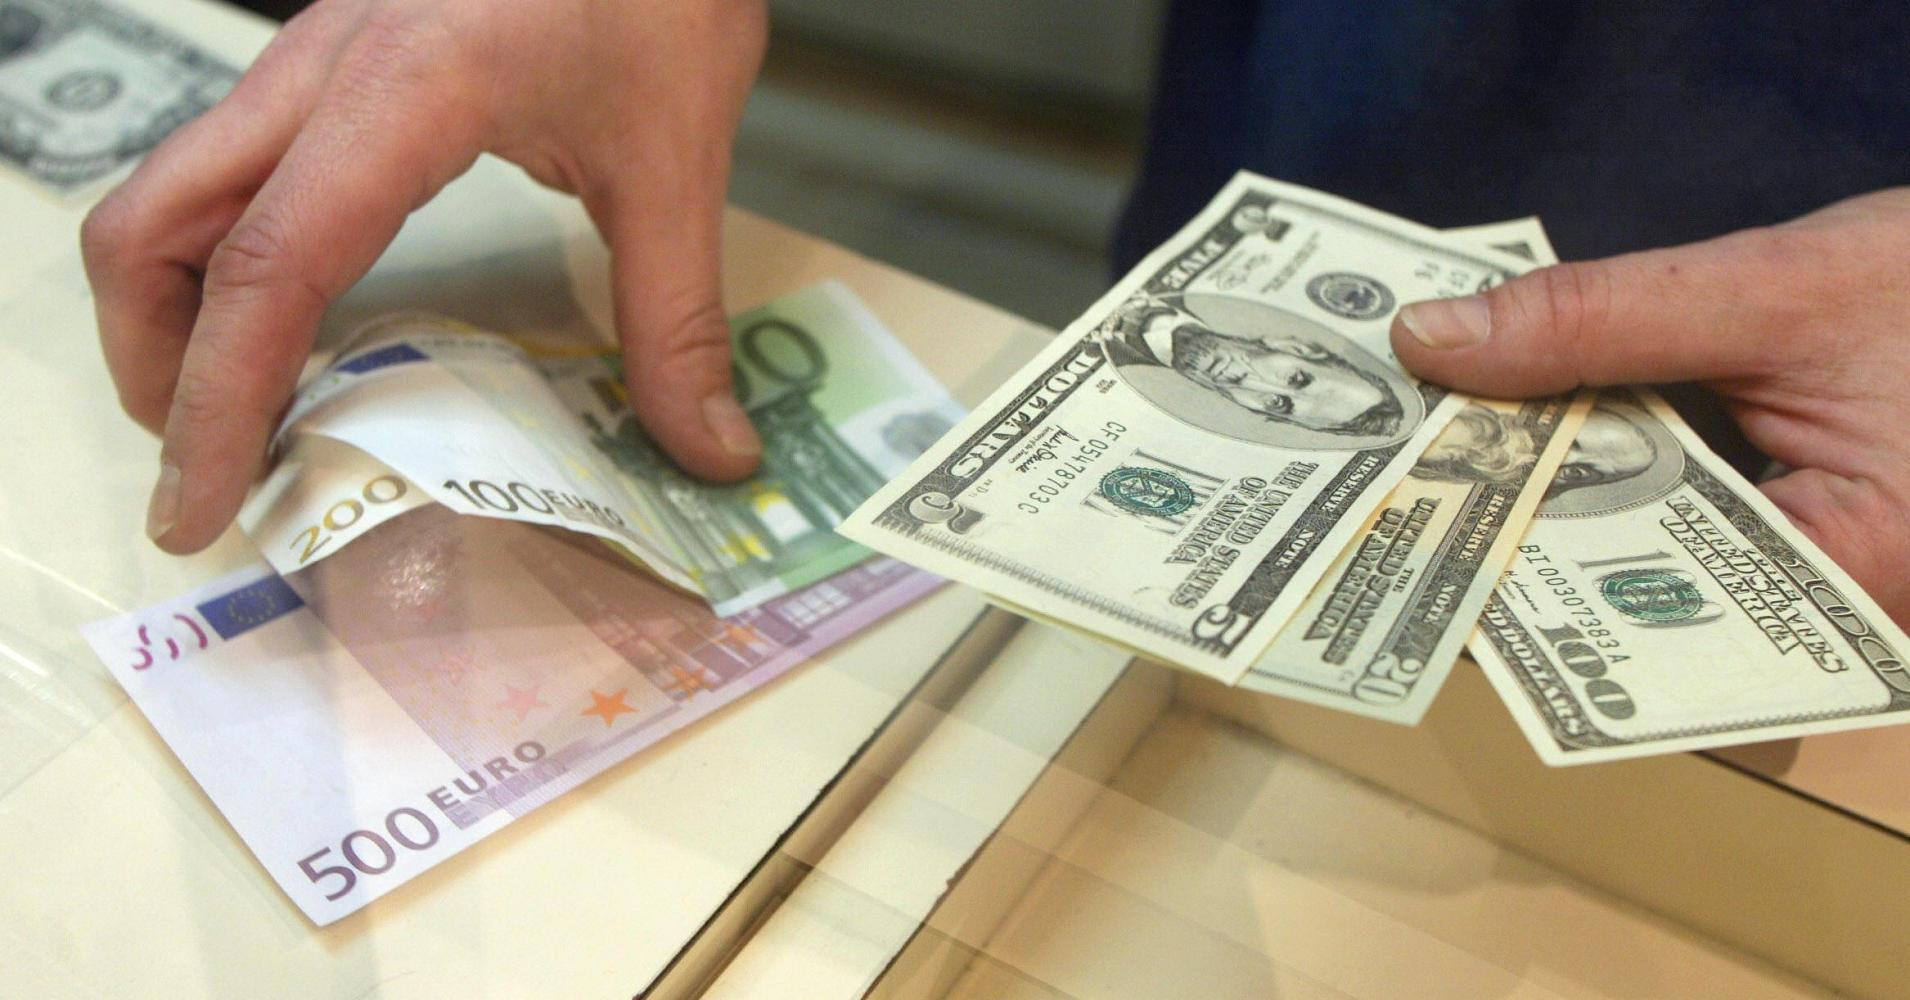 قیمت ۲۰ واحد پولی کاهش یافت/ ثبات نرخ دلار و یورو در سنا